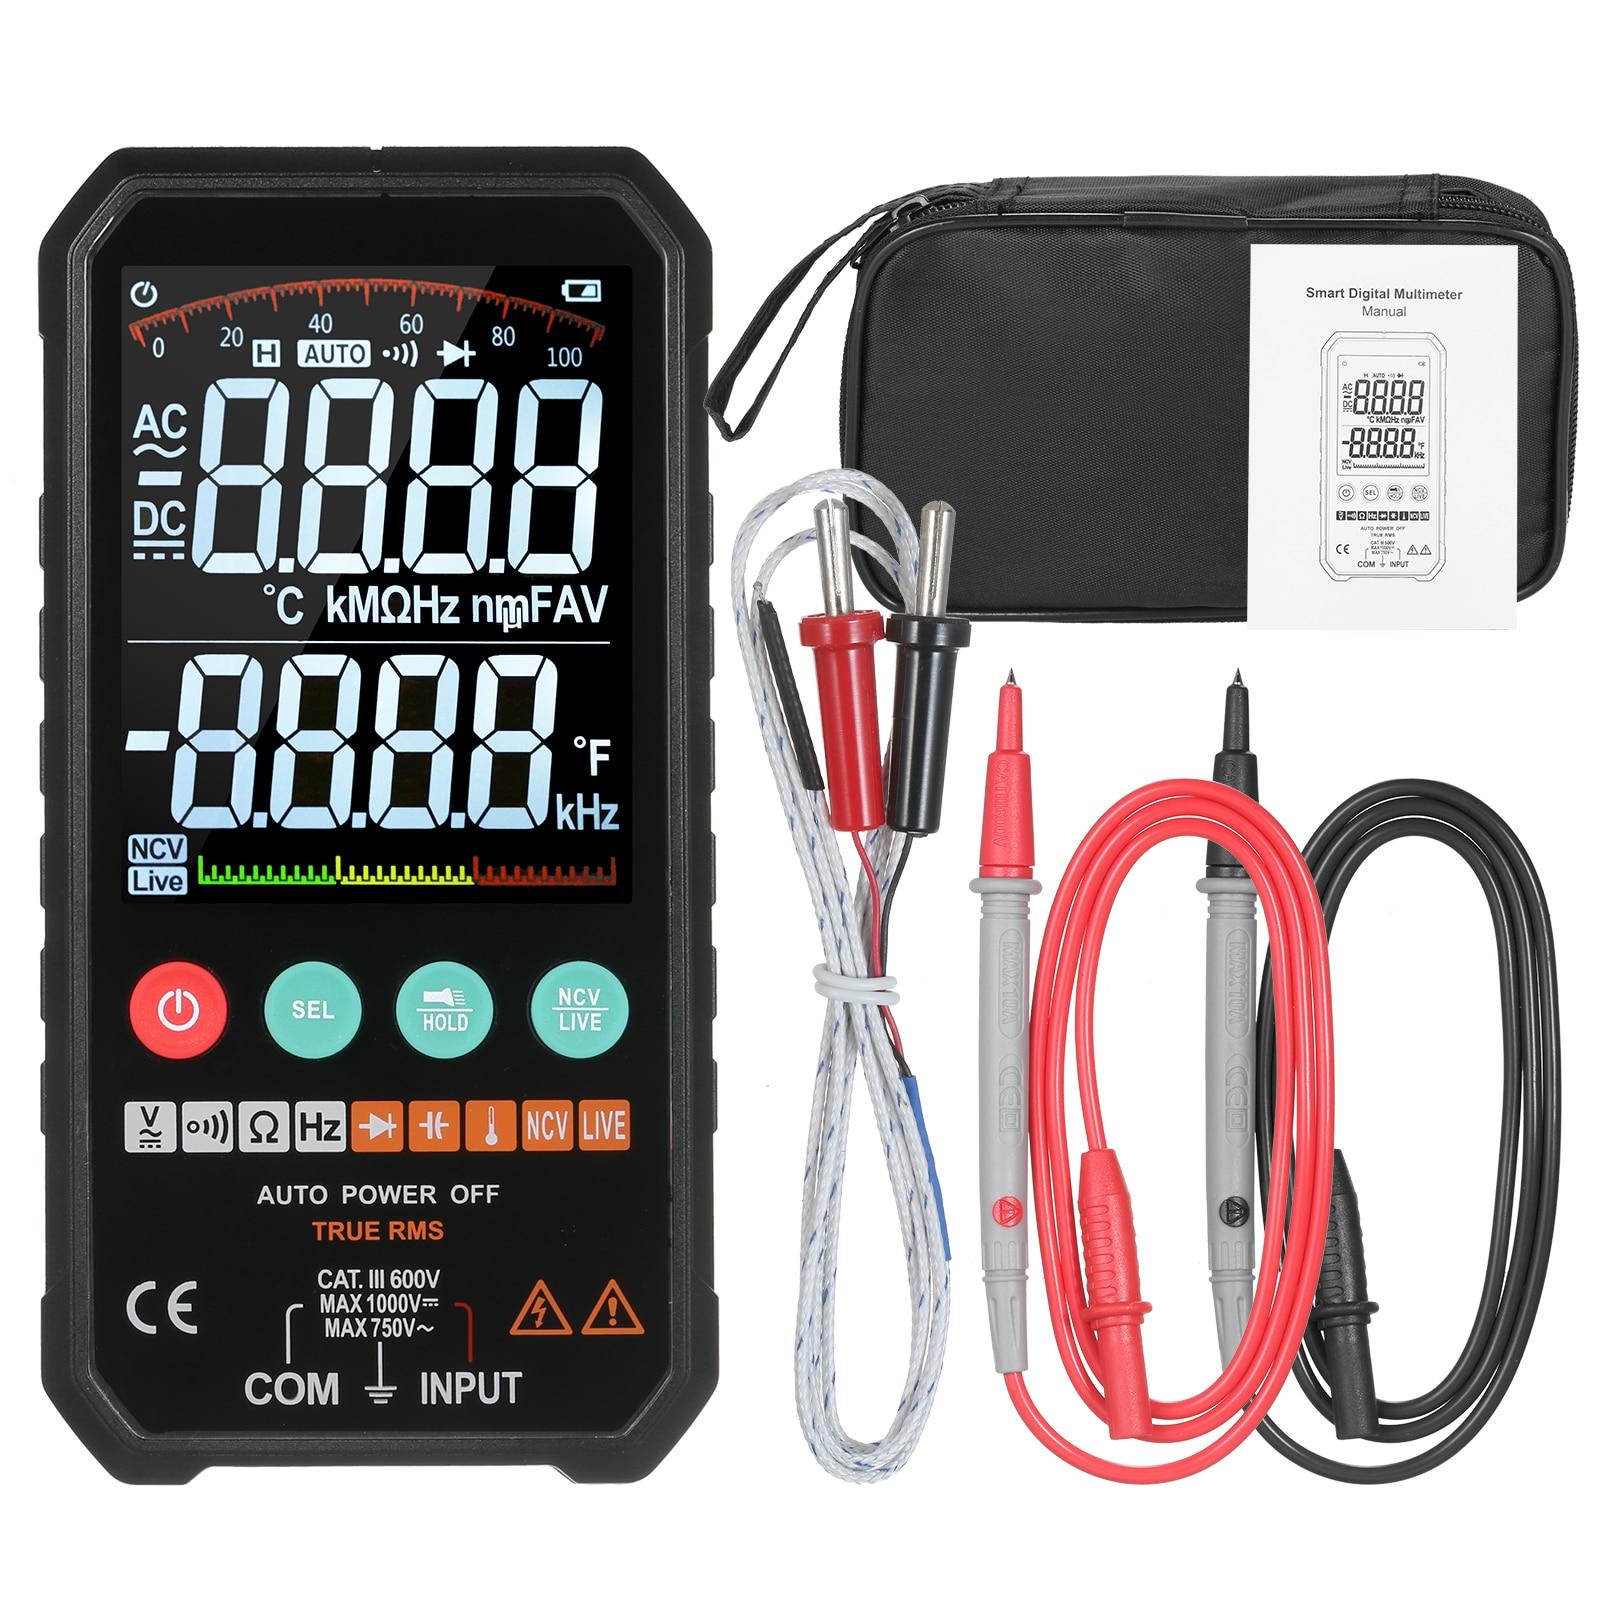 FY107C/FY107B 6000 compte multimètre numérique Ture RMS AC DC NCV Transistor condensateur température tension compteur intelligent